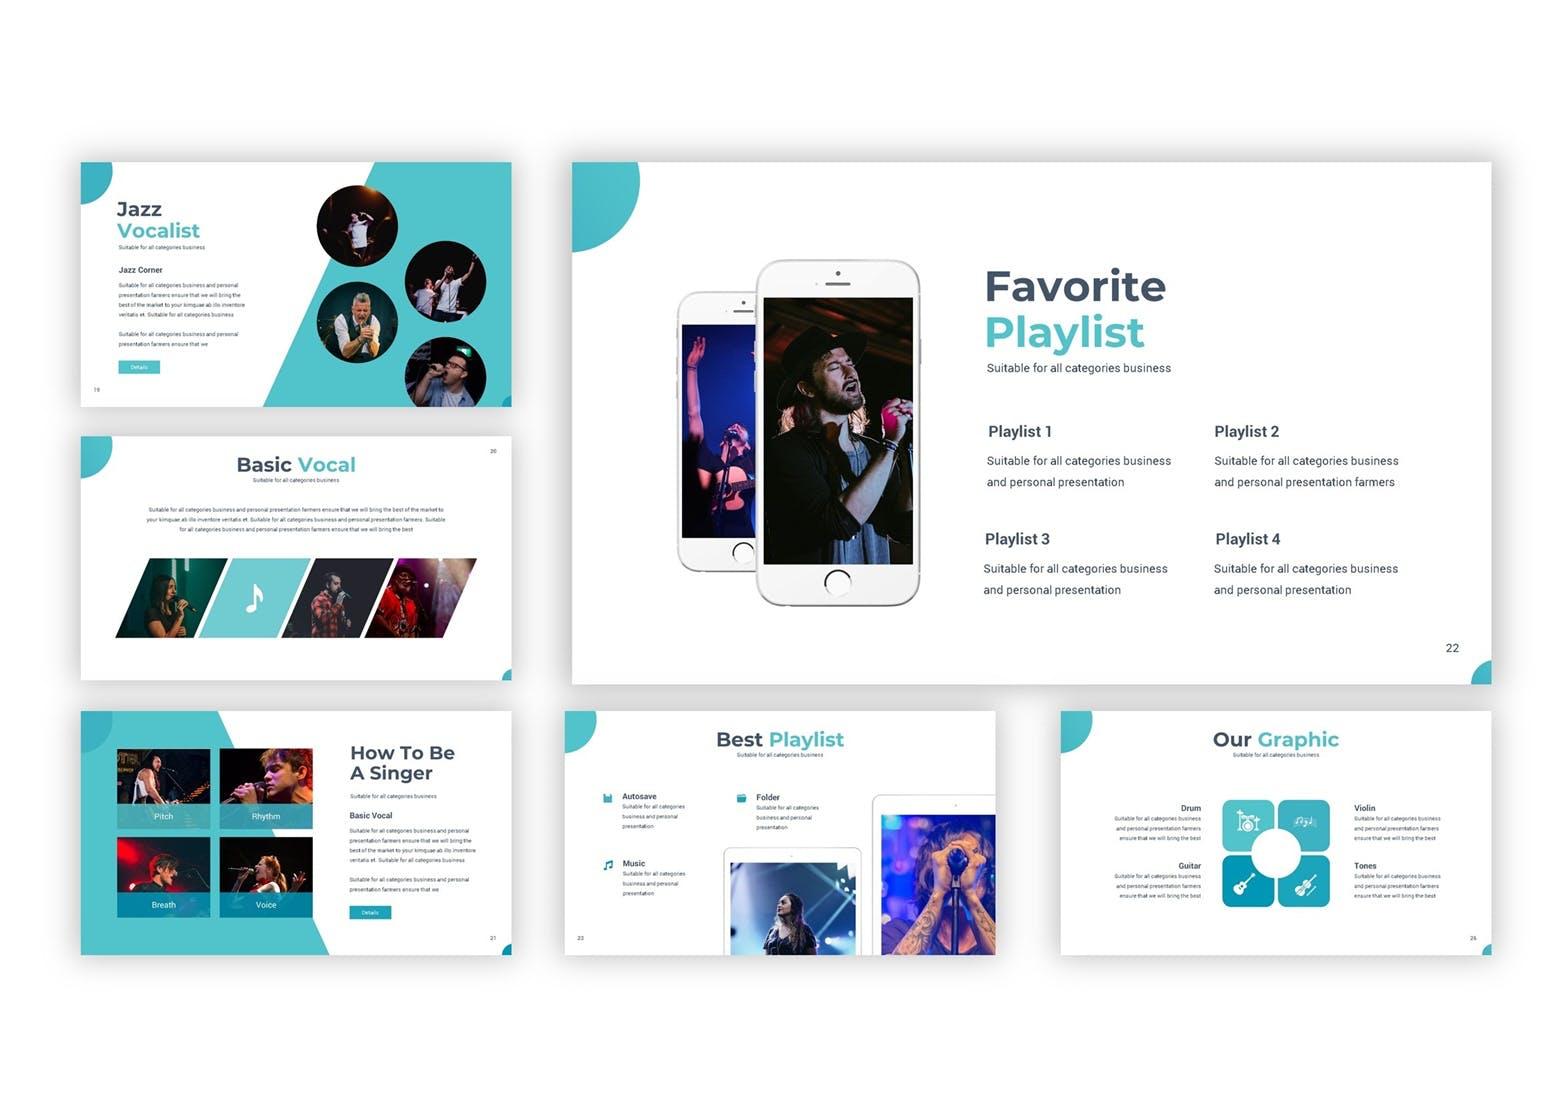 演唱会活动宣讲及活动策划案例PP幻灯片模板Singthrou Google Slides Template插图(5)